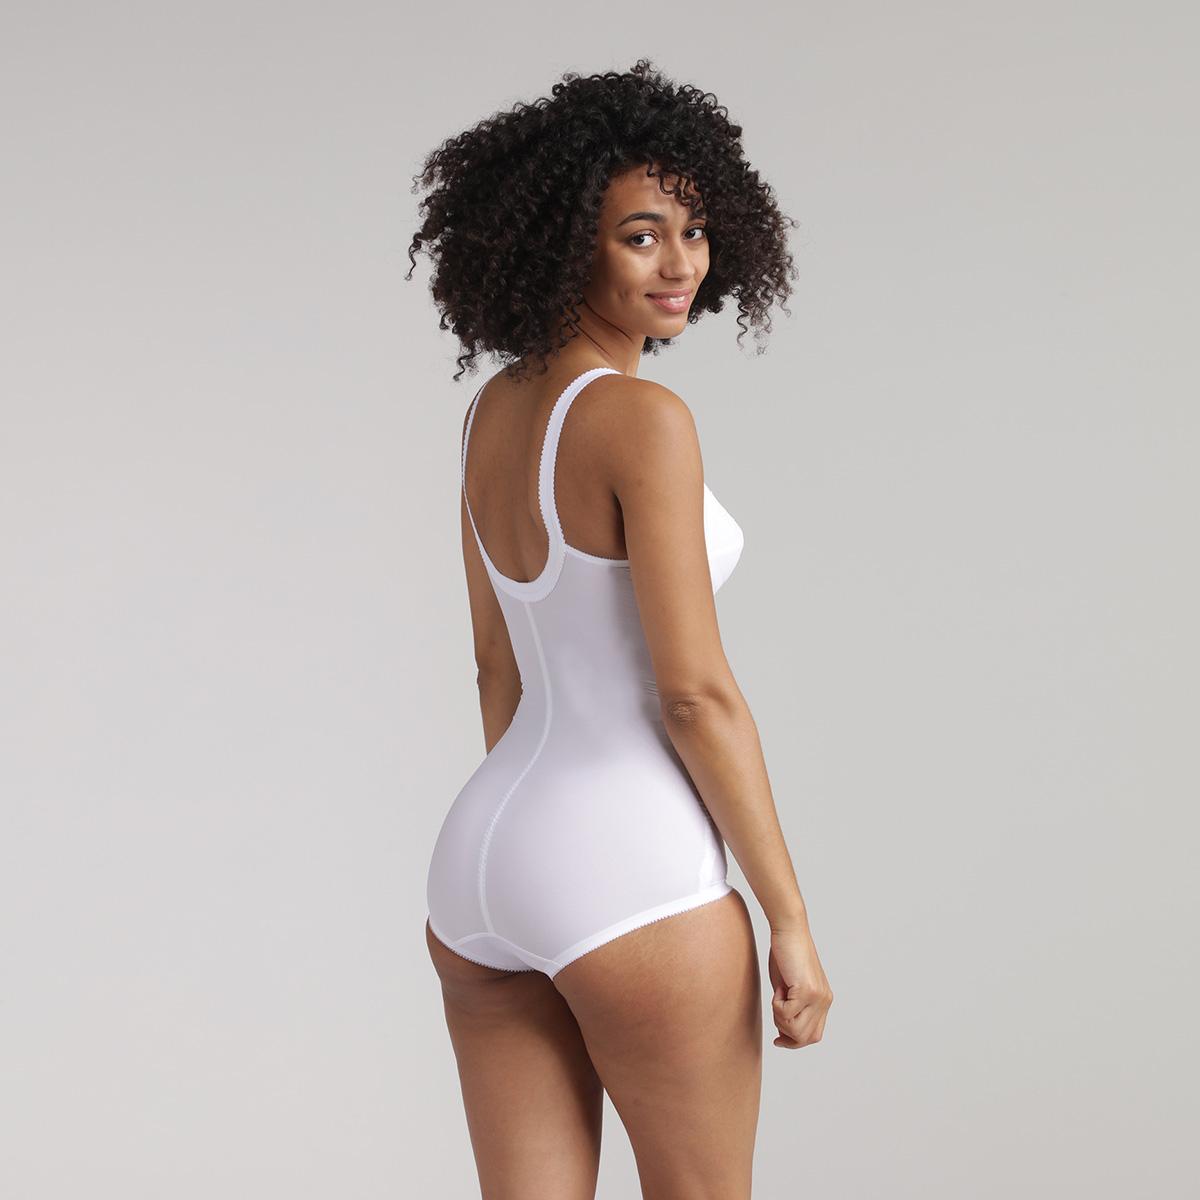 Body moldeador blanco - ICBIAG, , PLAYTEX